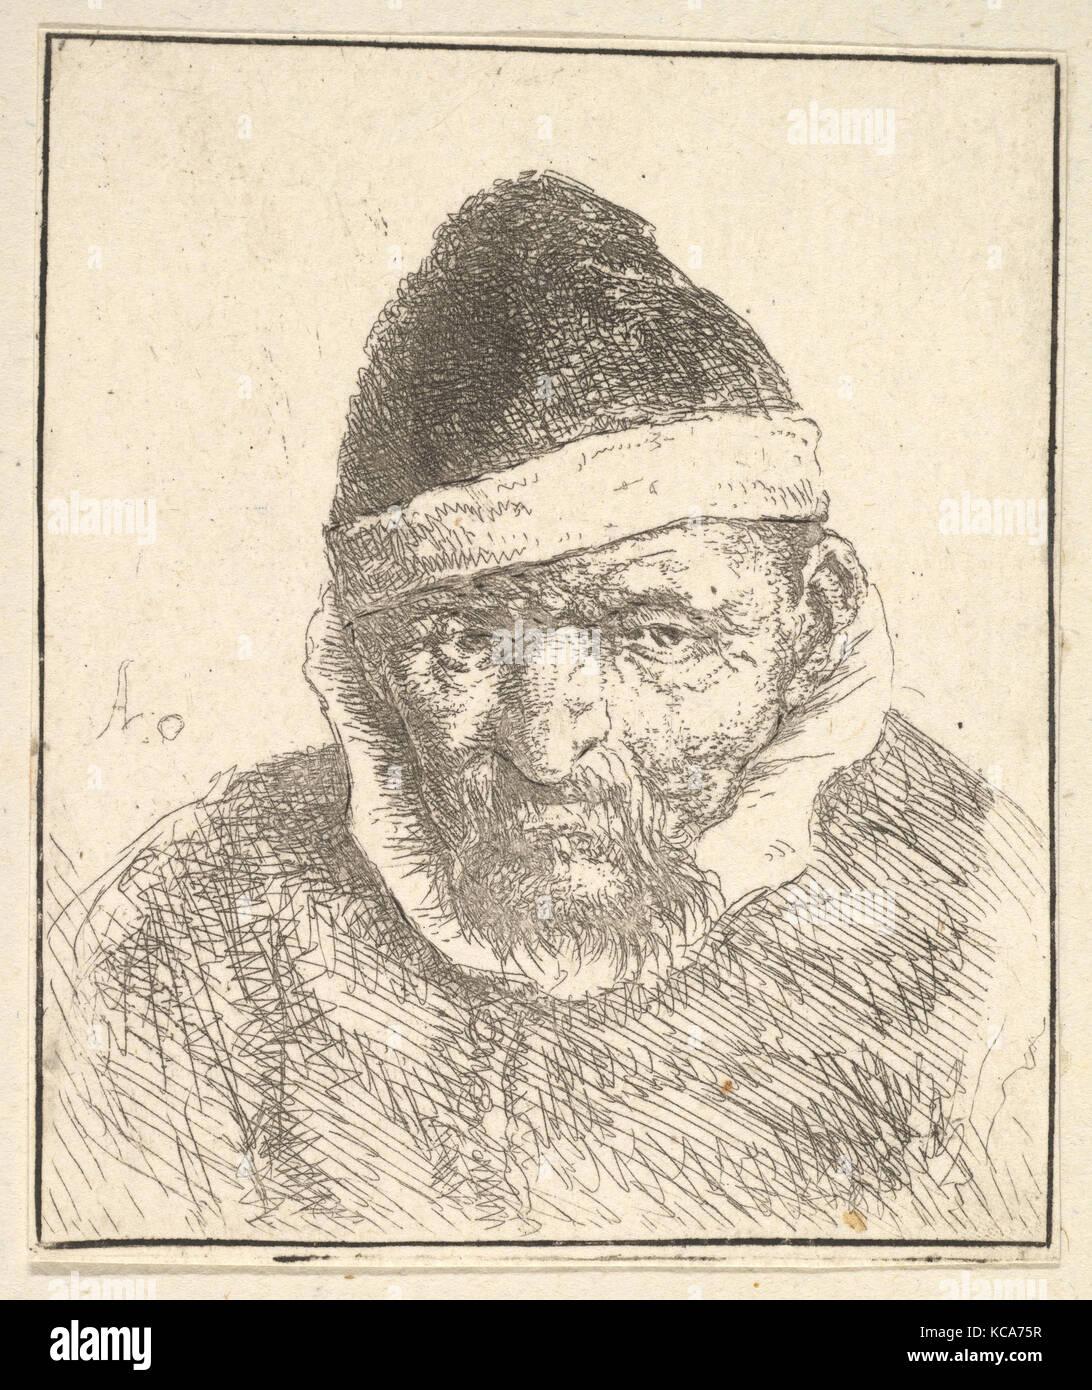 Il vecchio uomo con collare bianco e cappello appuntito, Adriaen van Ostade, 1610-85 Immagini Stock